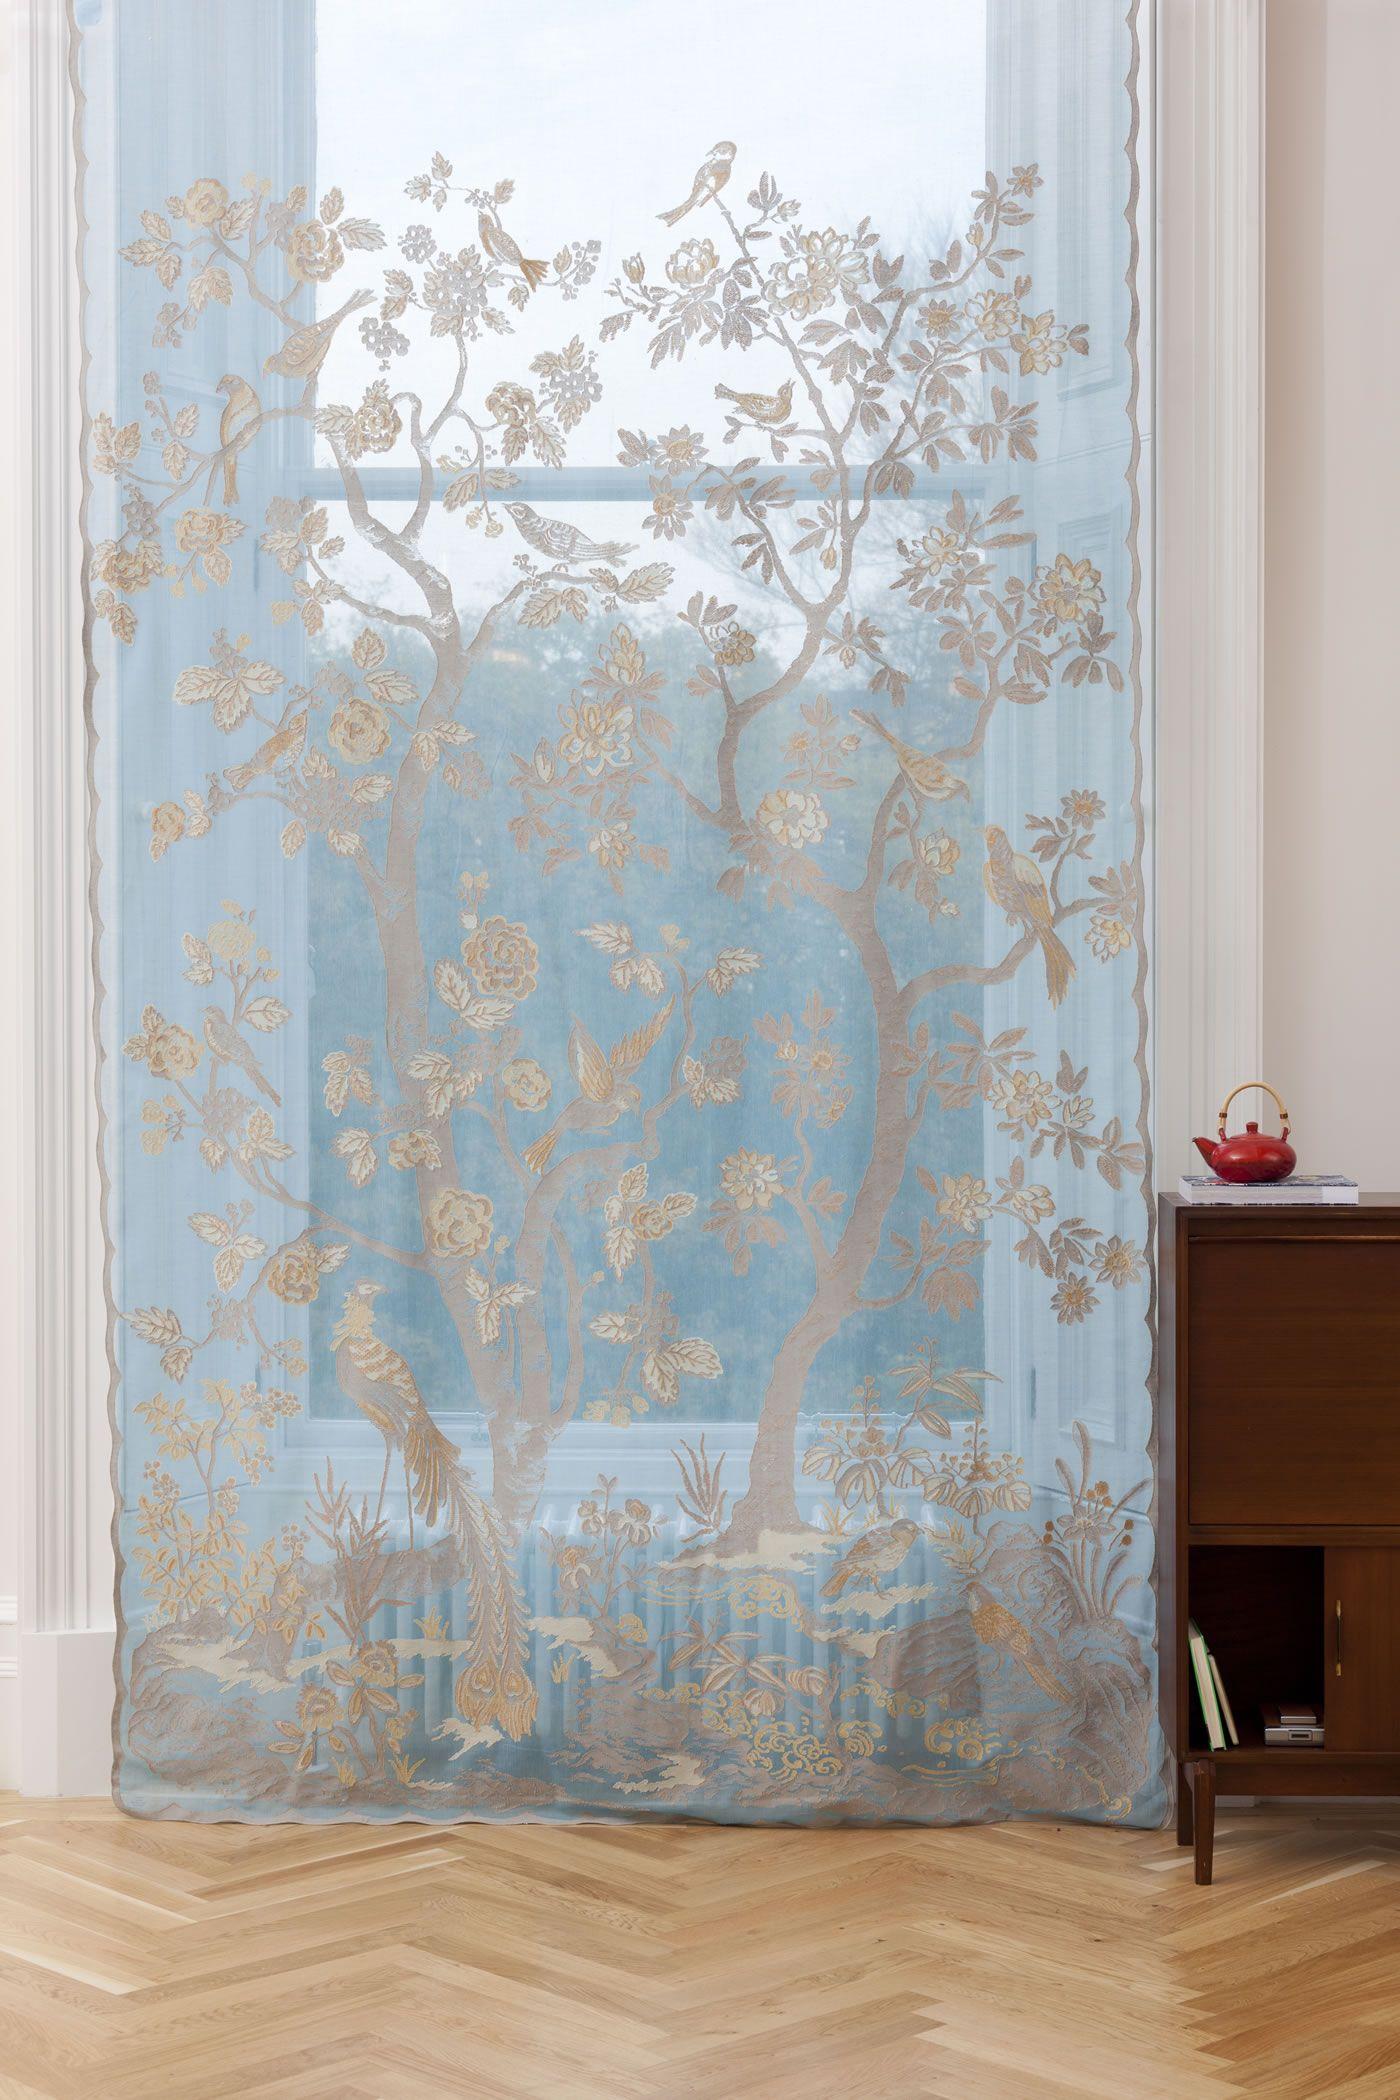 MYB Textiles Paradiso Turquoise pamut csipke függöny   Csipkemester - pamut csipkefüggönyök Skóciából